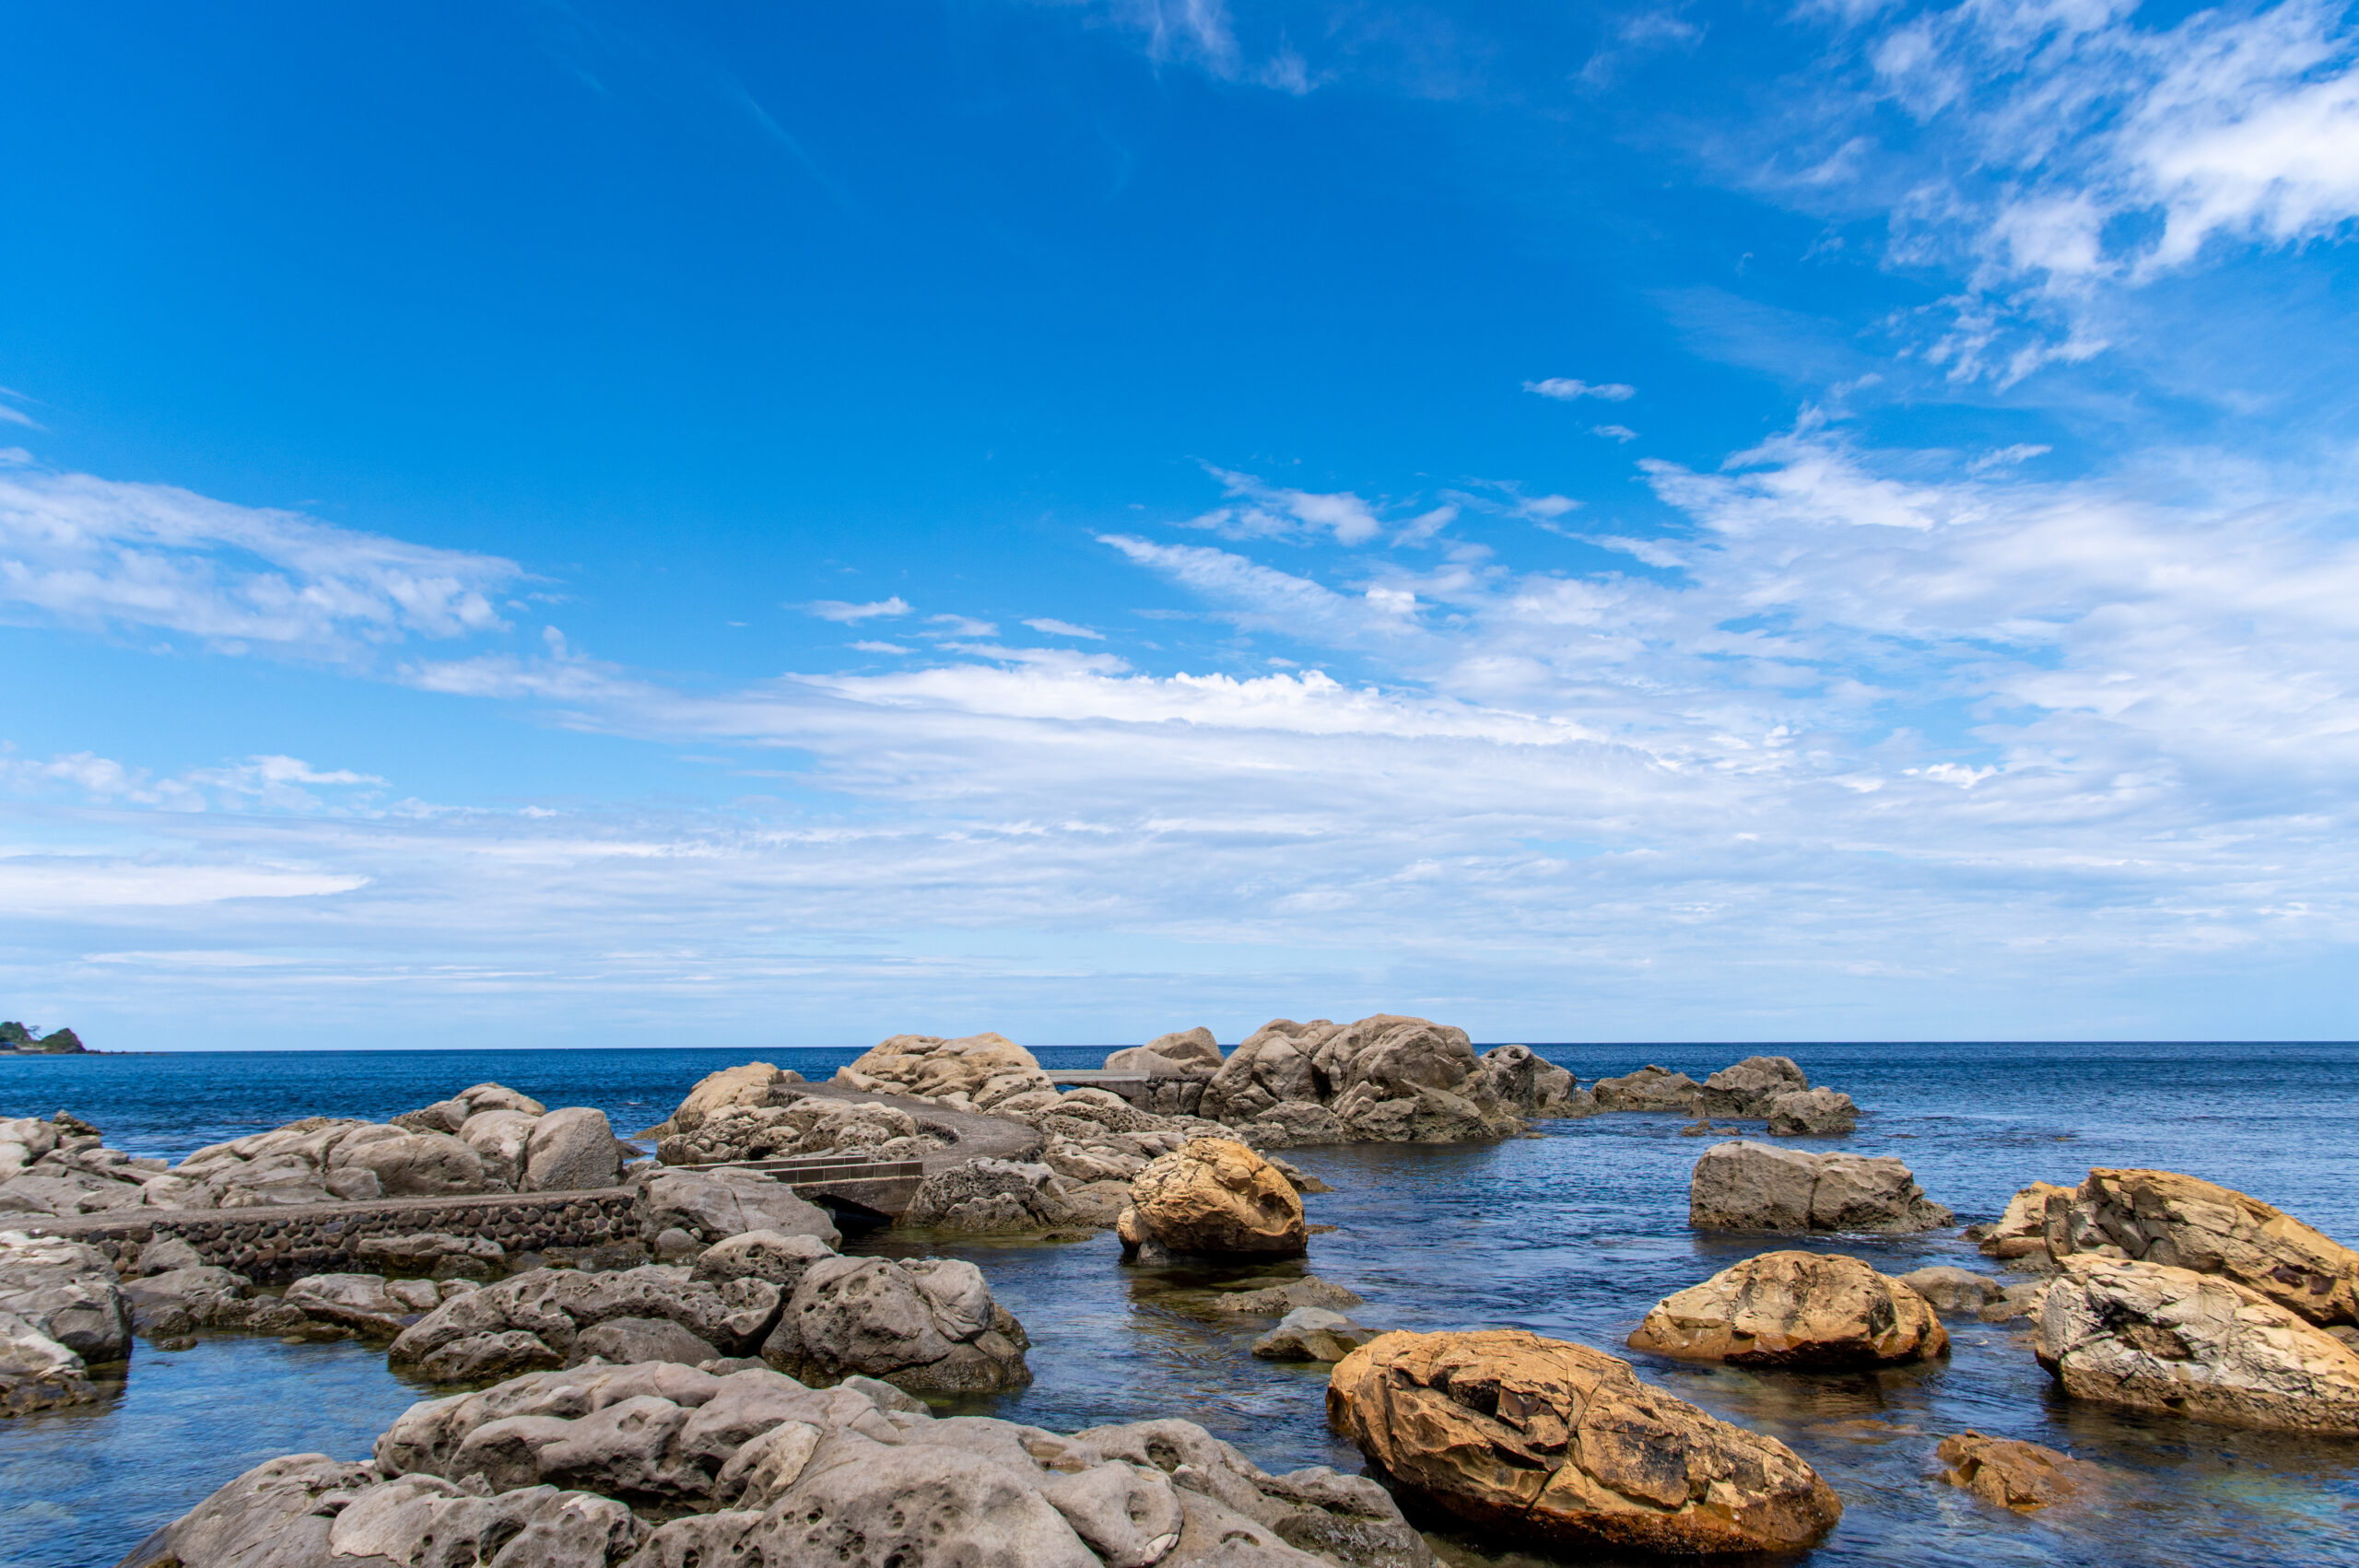 輪島市内から徒歩で簡単に行ける海が見えるスポット。石川県の鴨ヶ浦への行き方。